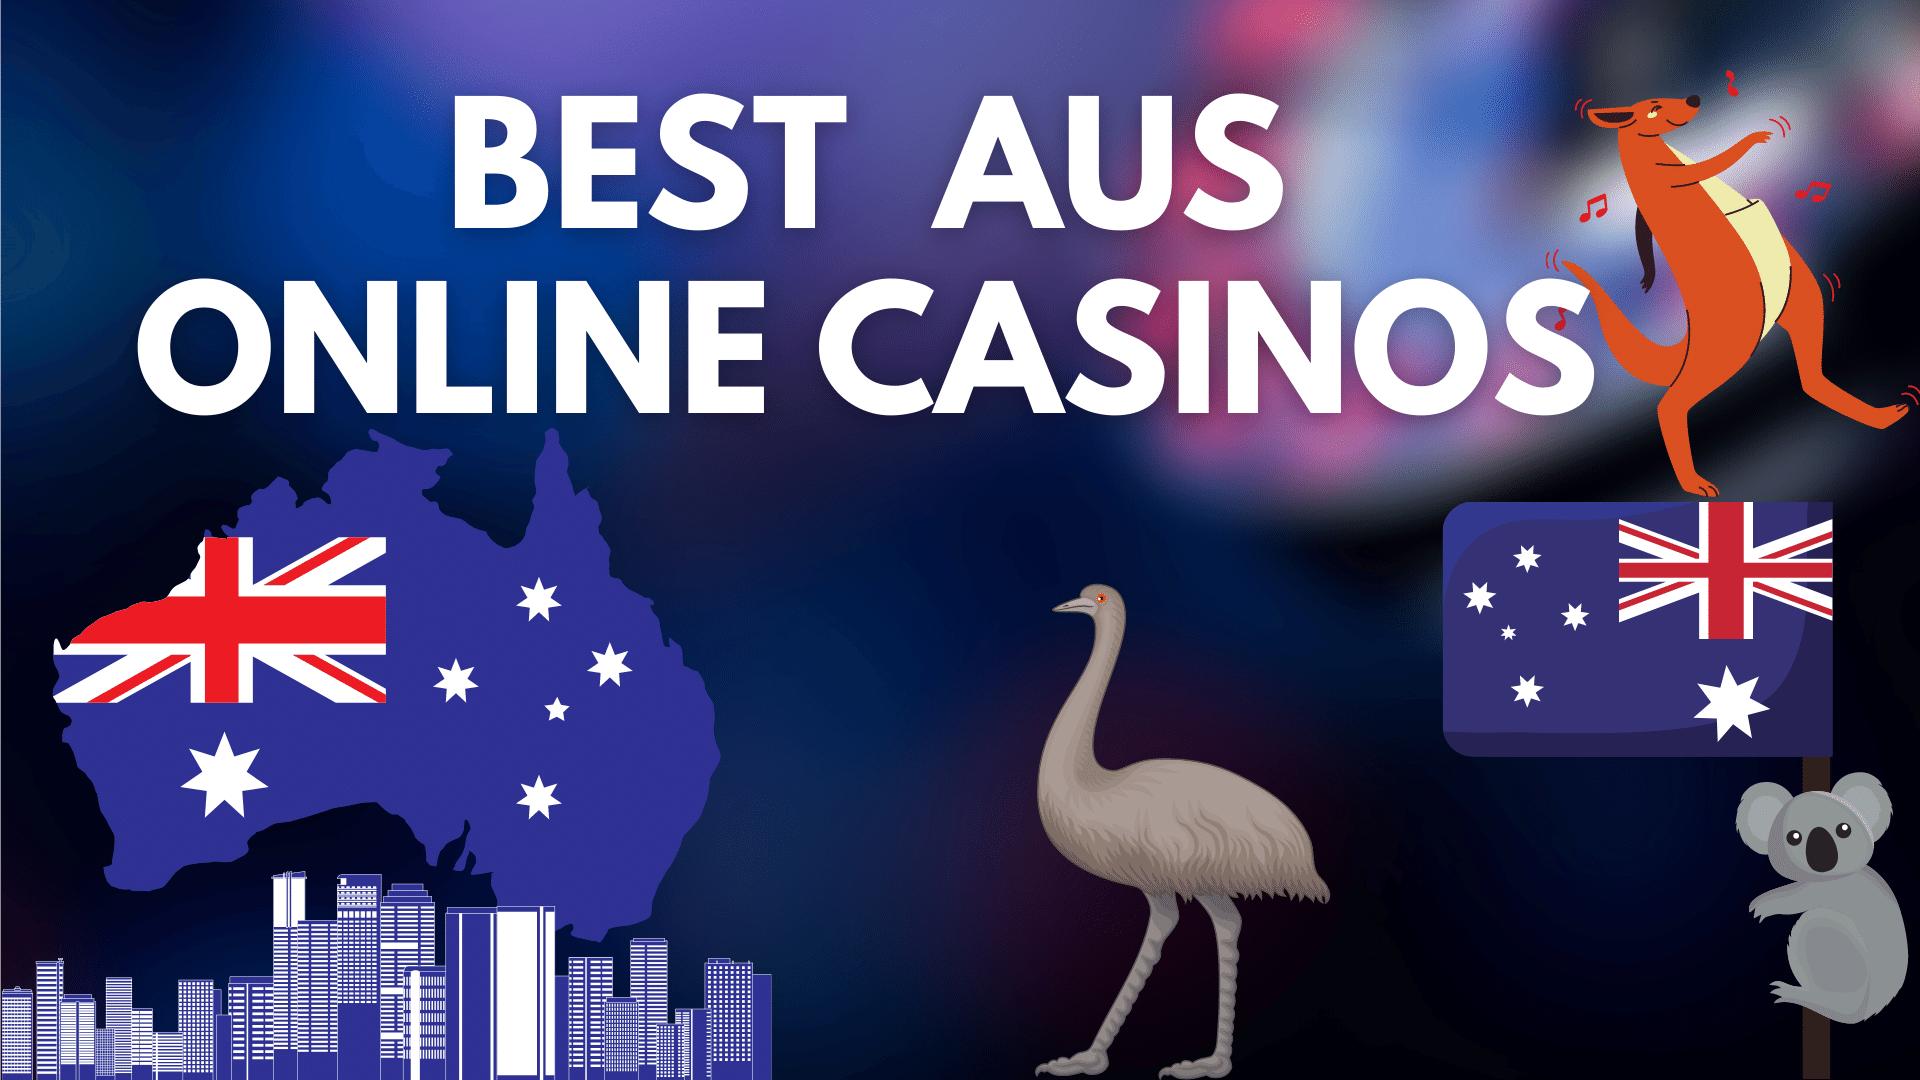 Best Aus Online Casinos